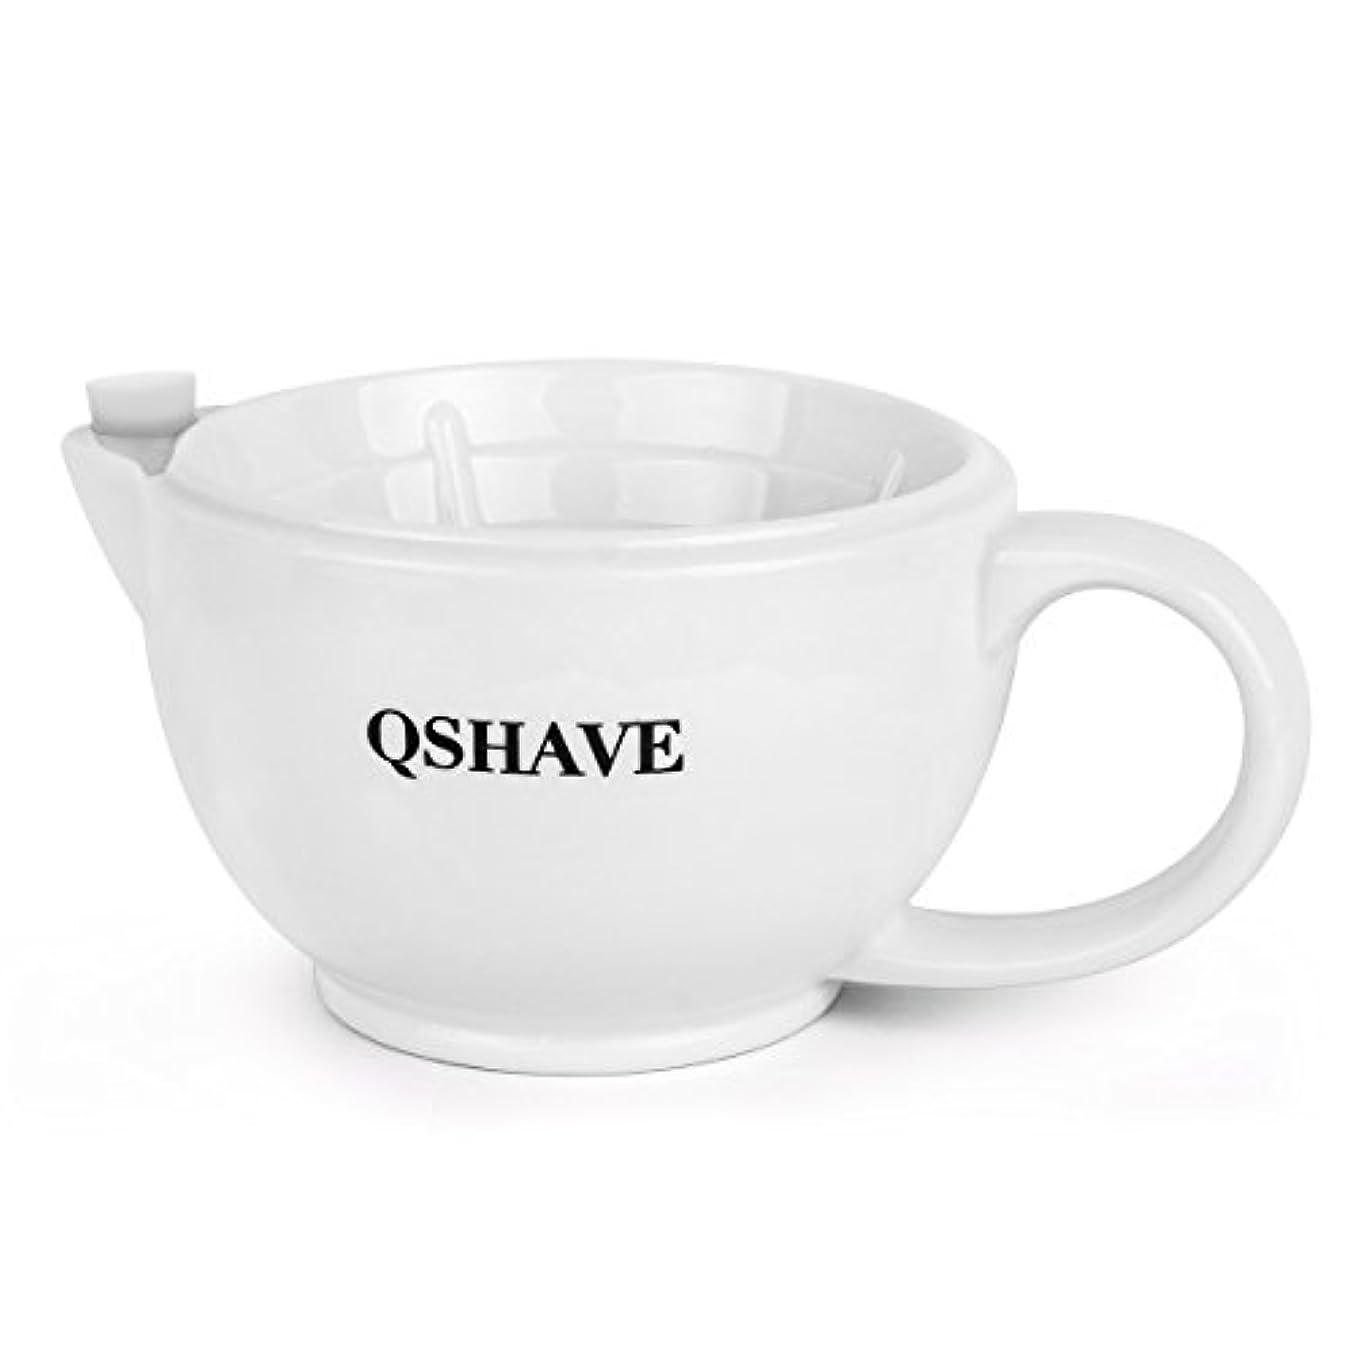 アセラリーベルモントロードハウスQSHAVE シェービングシャトルのマグカップ - 常に泡を保つ - 手作りの陶器のカップ 白